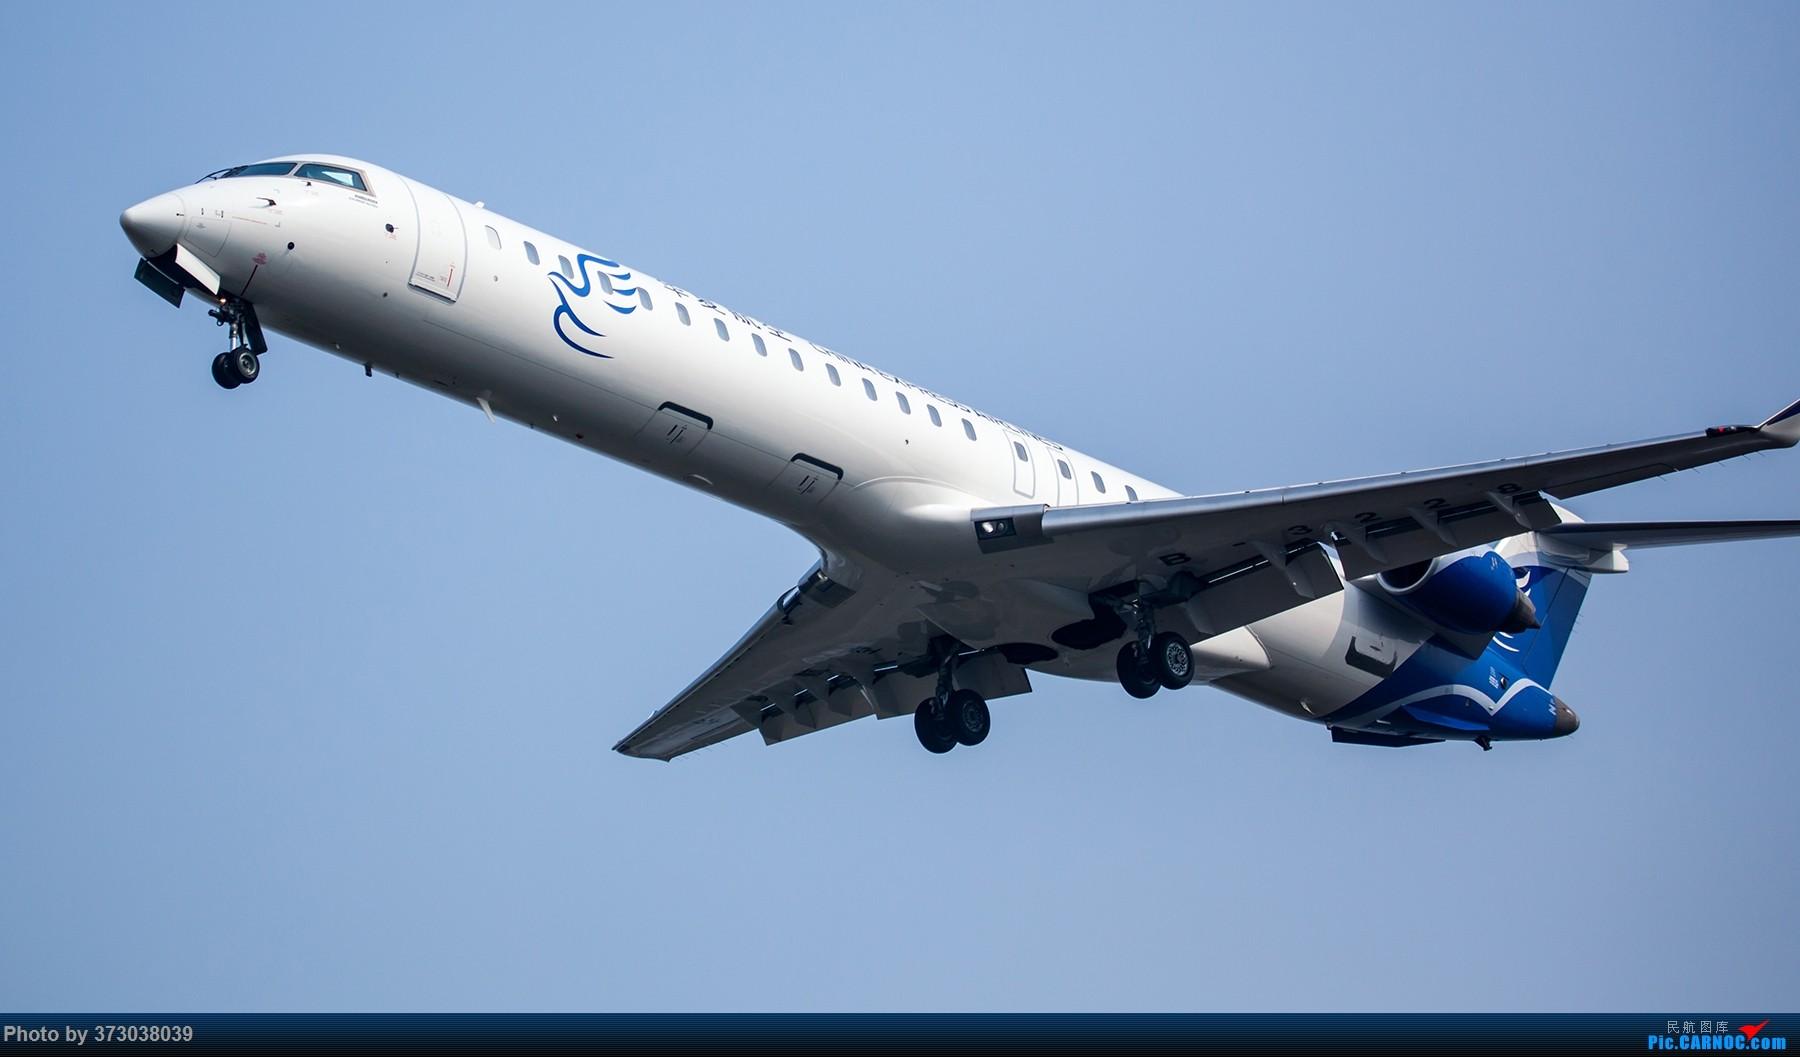 Re:[原创]【杭州飞友会】A320Neo迪士尼杭州萧山机场拍机班门弄斧记 BOMBARDIER CRJ900NG B-3228 中国杭州萧山国际机场